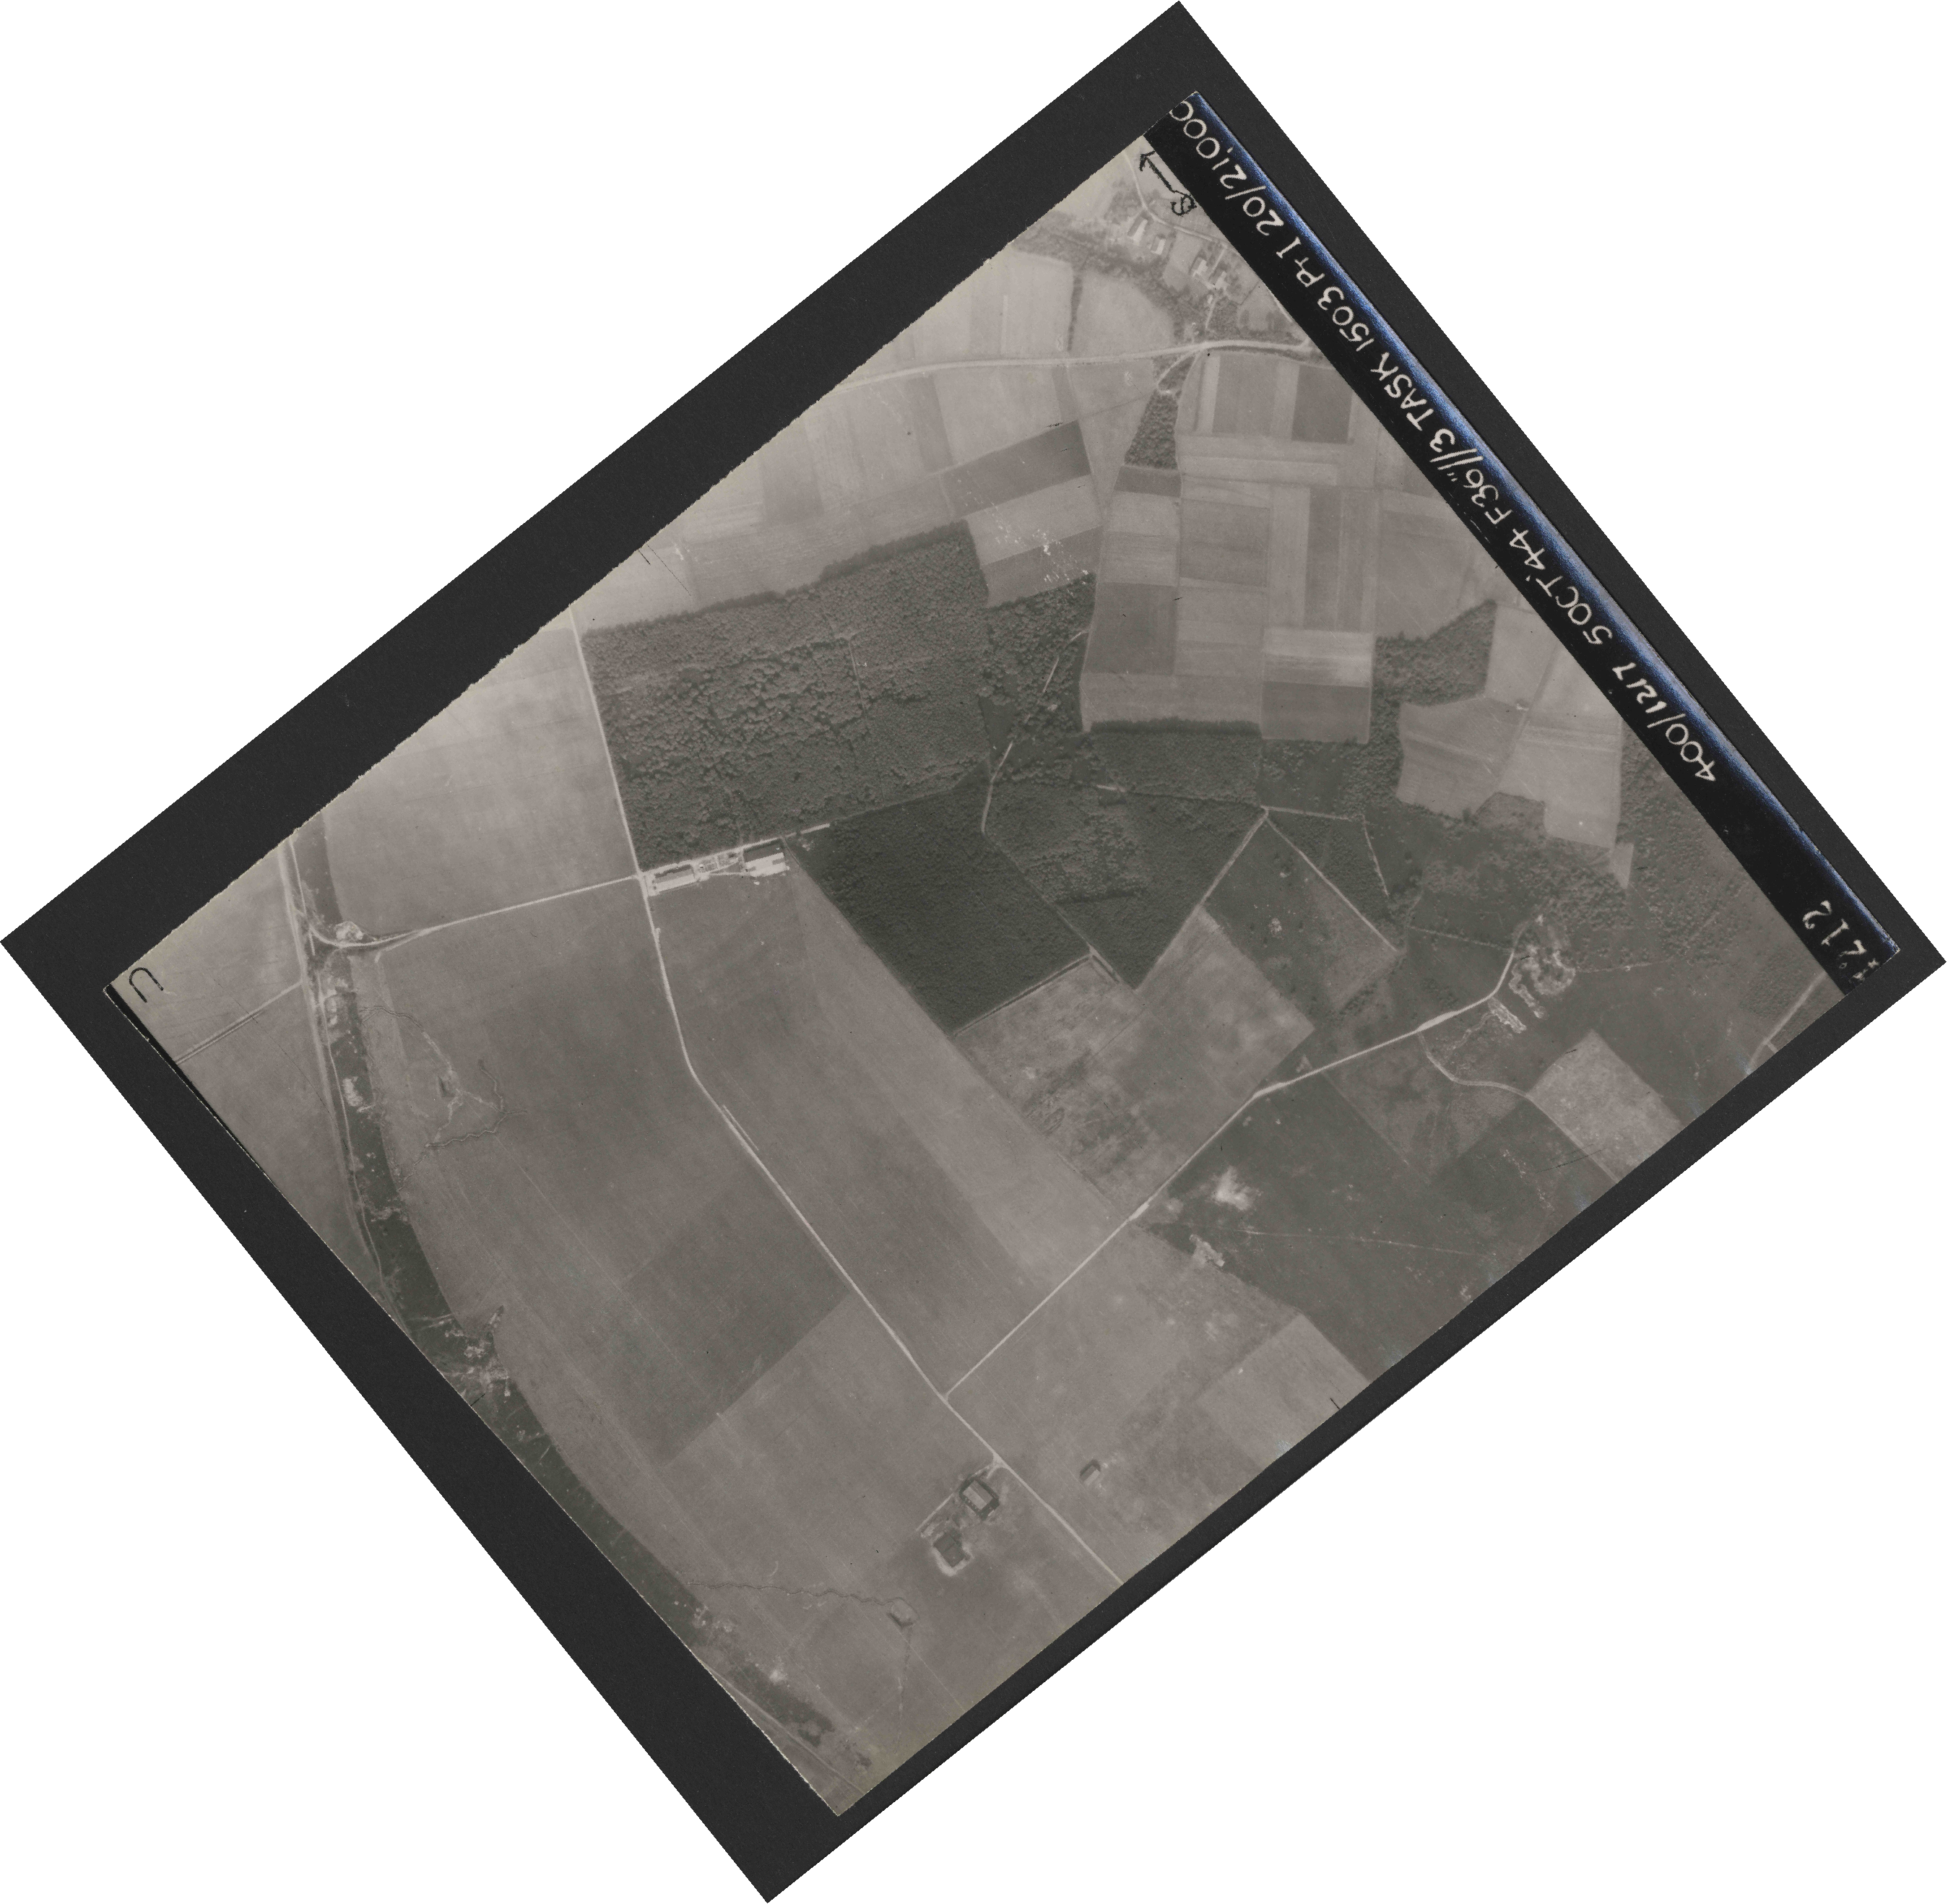 Collection RAF aerial photos 1940-1945 - flight 316, run 02, photo 4212